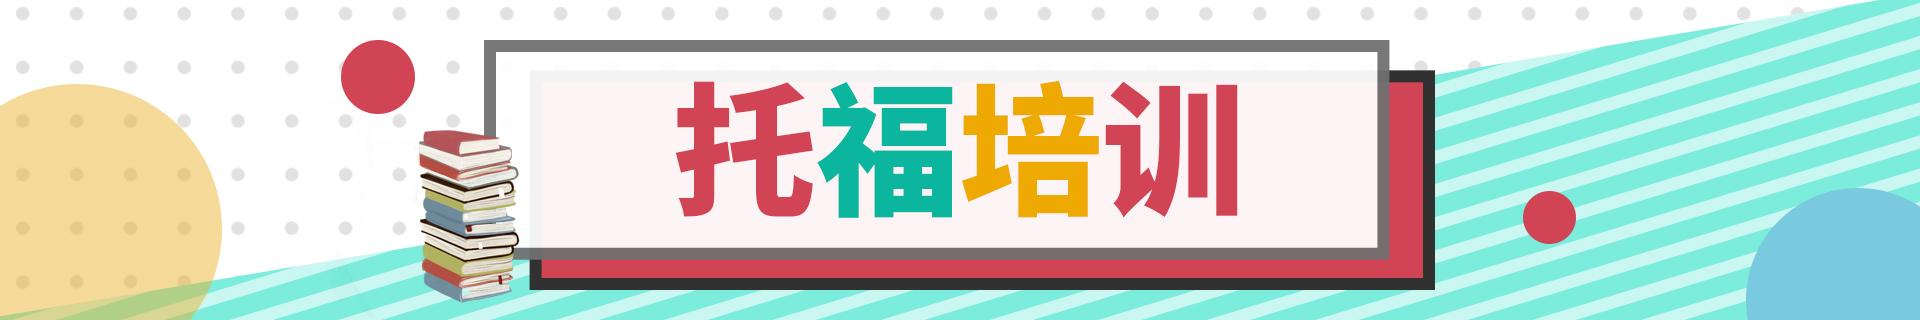 石家庄开元朗阁教育英语培训